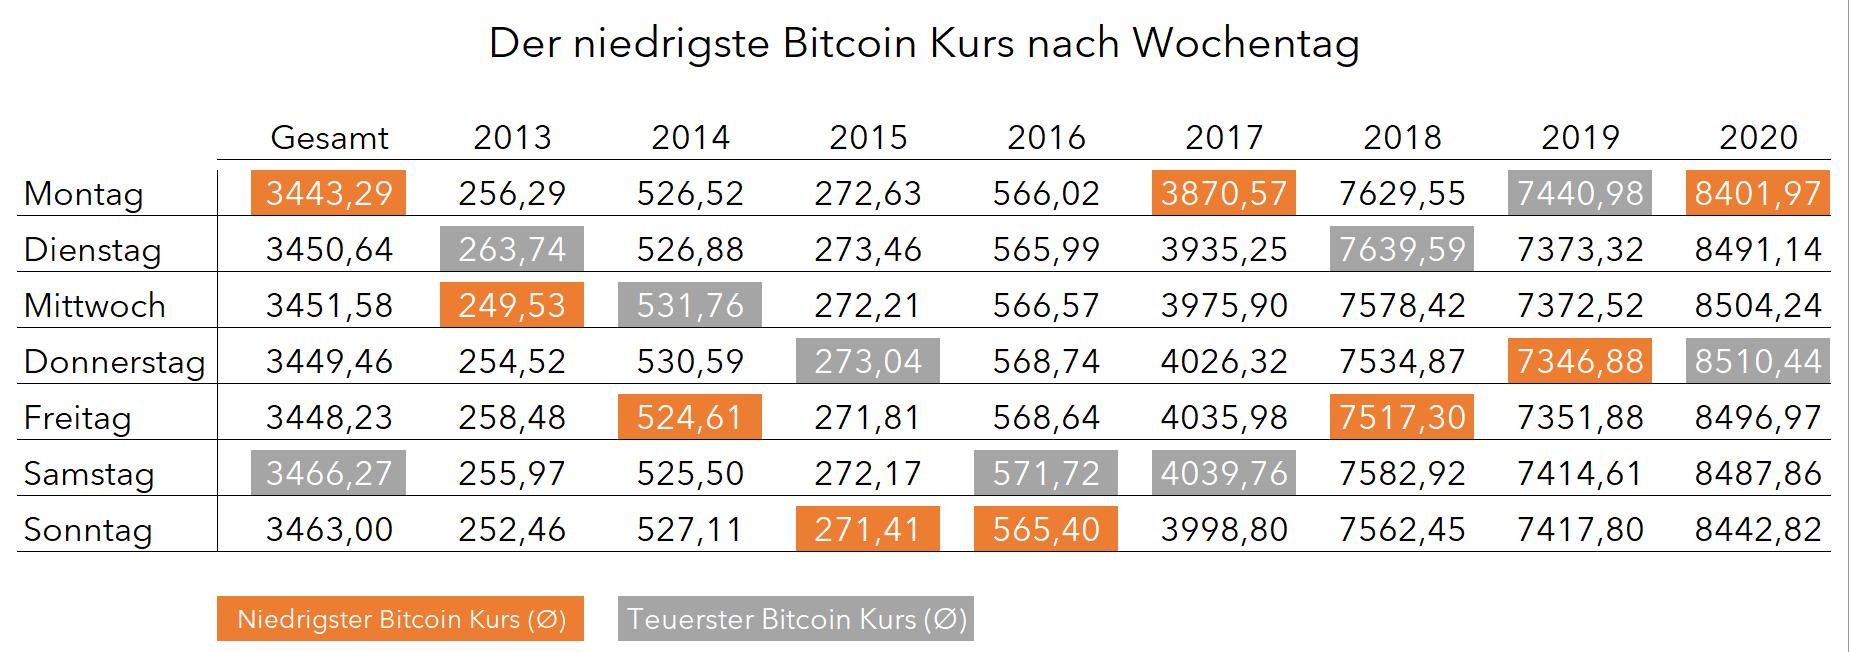 Bitcoin Kurs im Durchschnitt